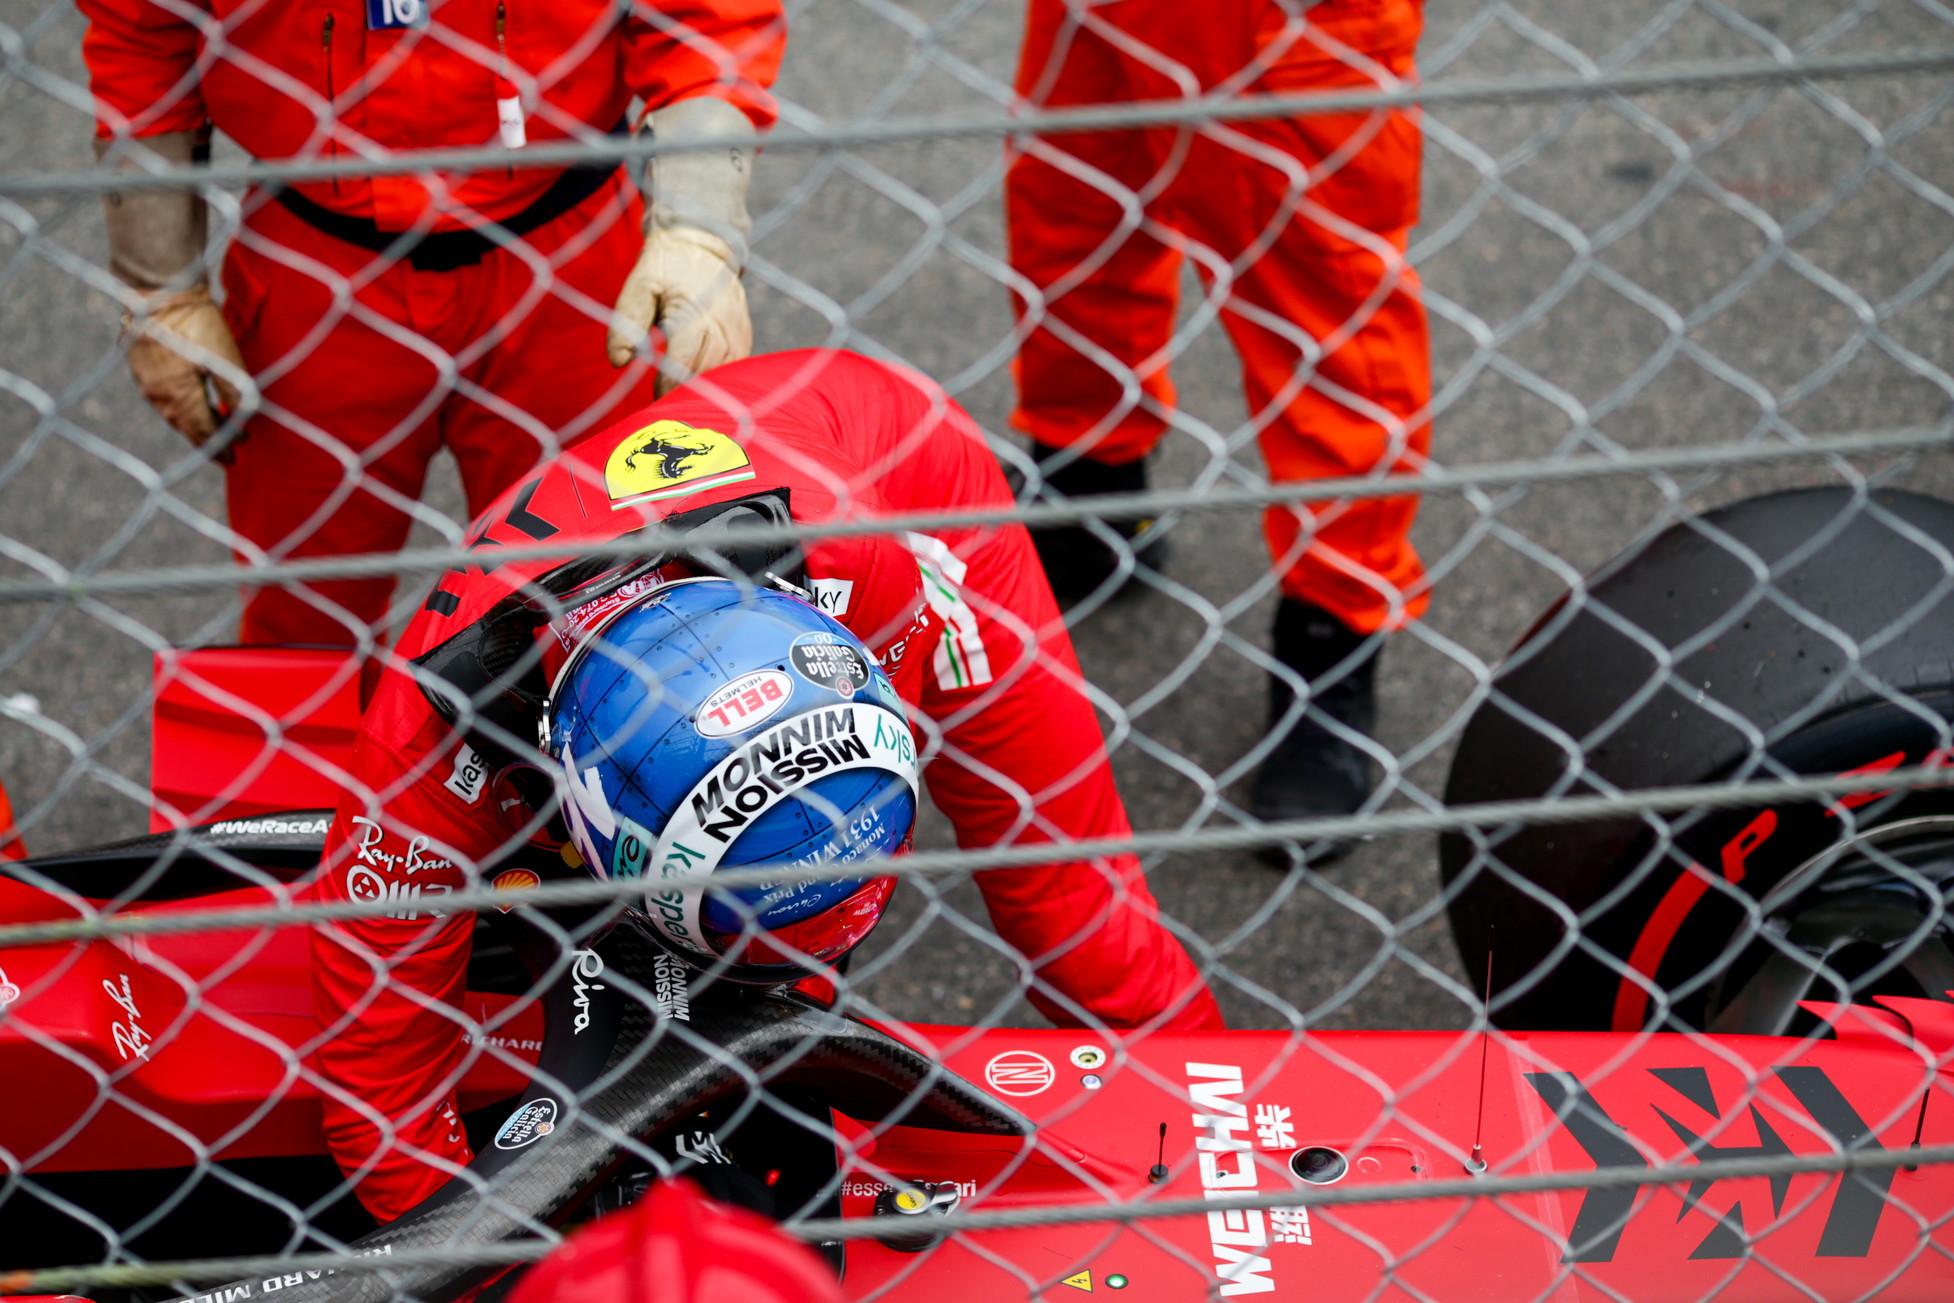 Charles Leclerc festeggia l&#39;ottava pole position in carriera... andando a muro. Sfortuna per il pilota monegasco, che nell&#39;ultimo time attack a disposizione ha impattato contro il muro alle Piscine decretando la conclusione della sessione di qualifiche. Possibili danni al cambio della SF21, domenica mattina la Ferrari decider&agrave; se procedere alla sostituzione o meno.<br /><br />